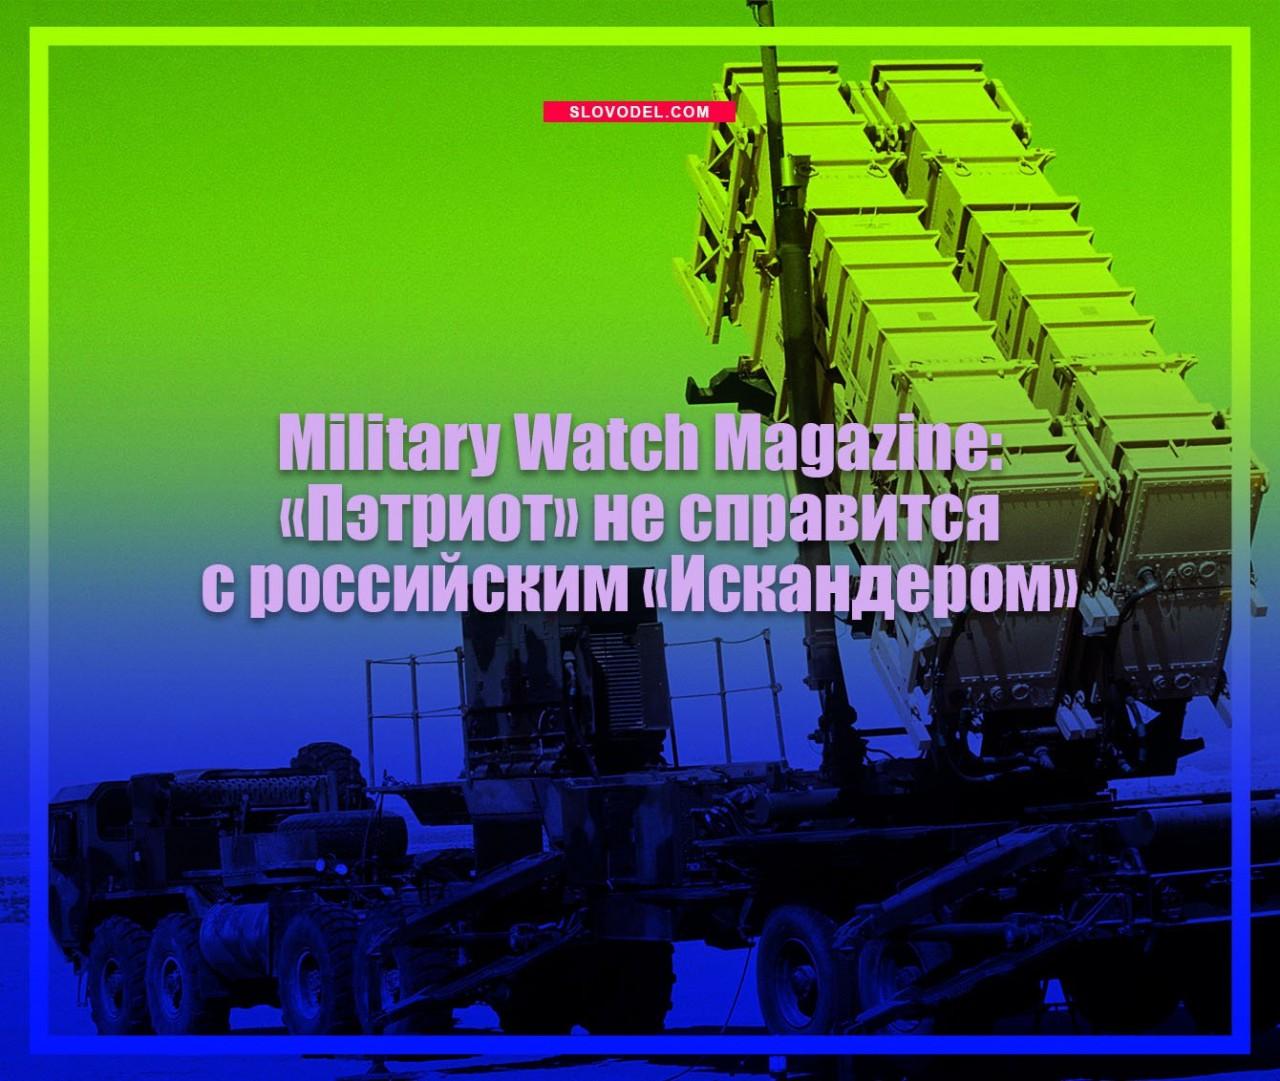 Military Watch Magazine: «Пэтриот» не справится с российским «Искандером»